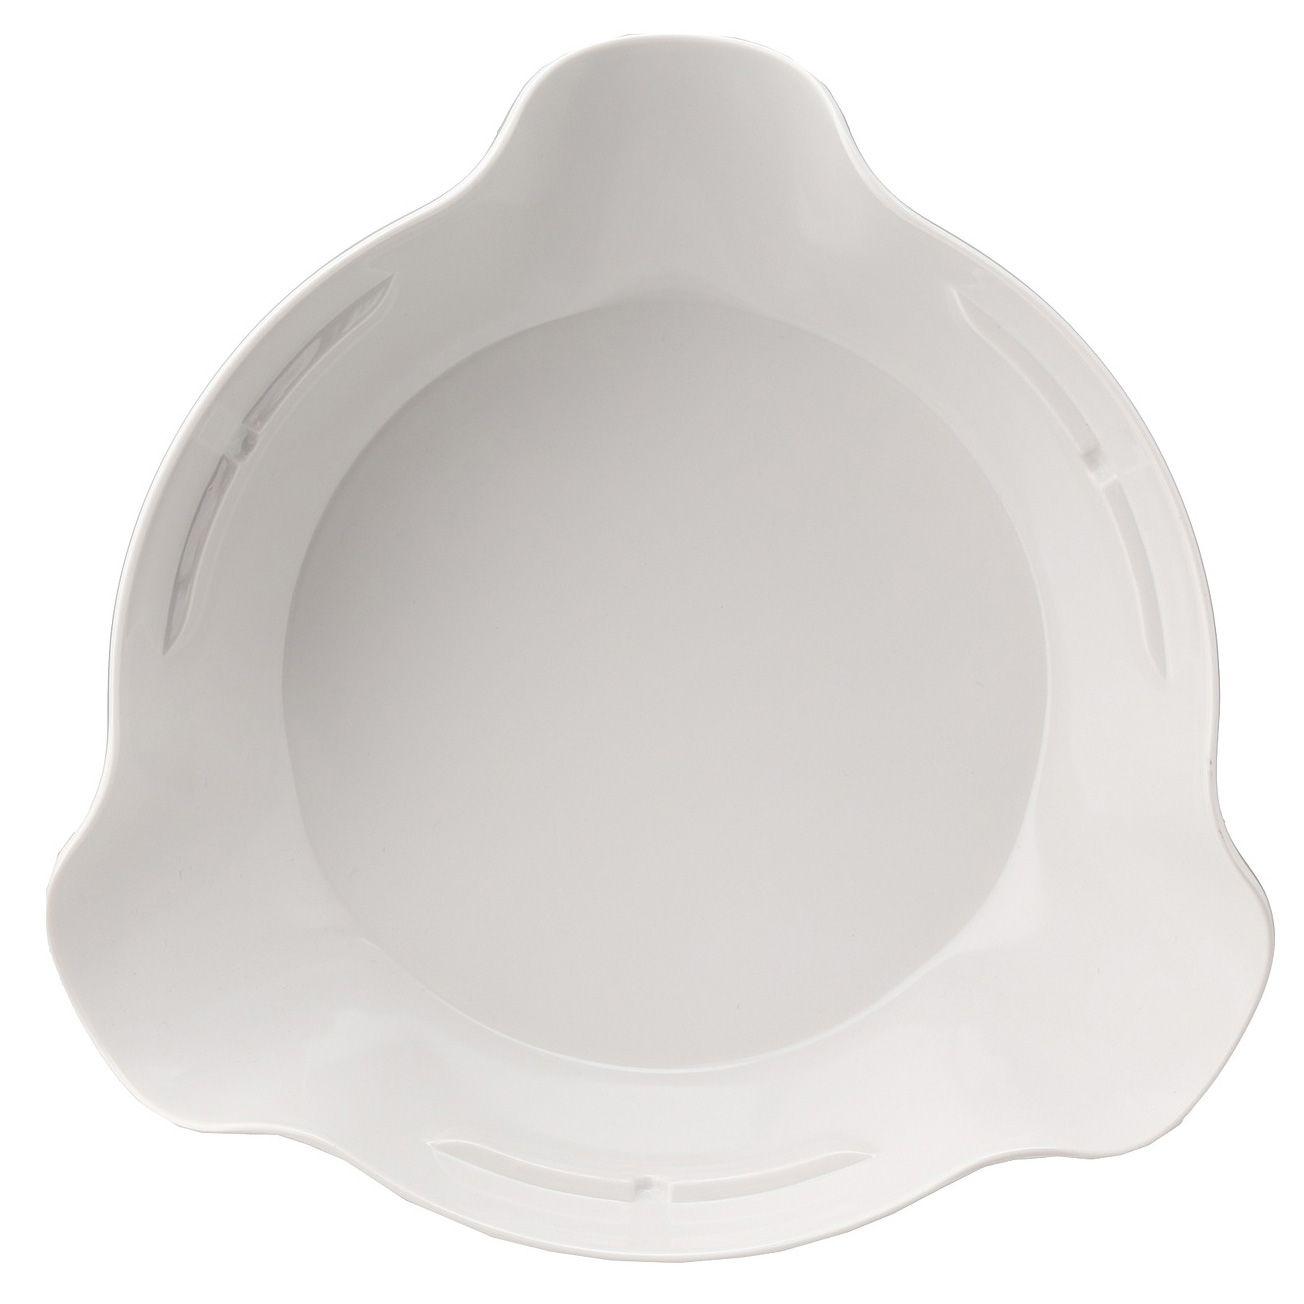 Миска Joseph Joseph Double Dish двойная большая серо-белая